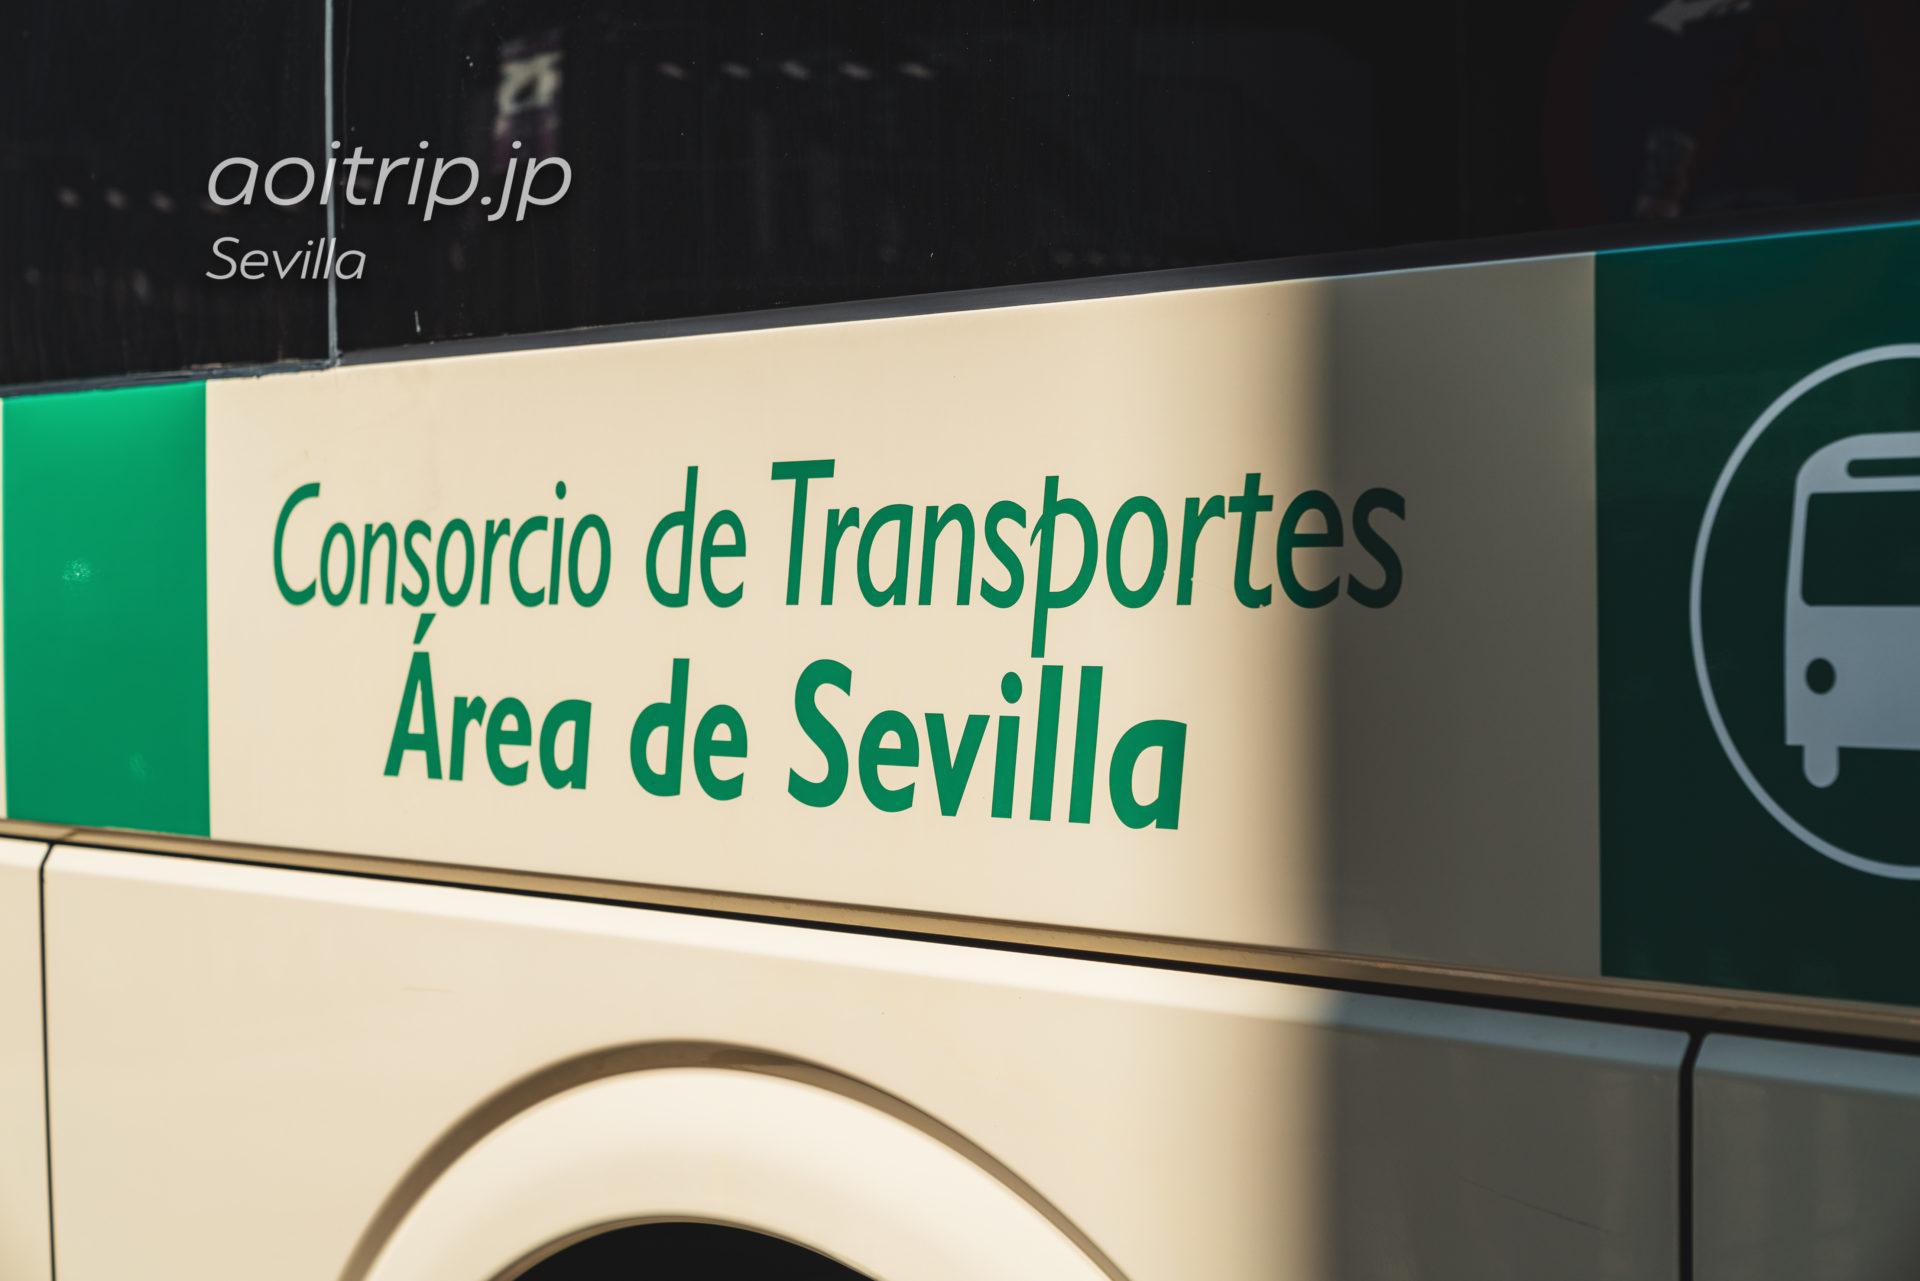 Consorcio de Transporte del Área de Sevilla社のバス